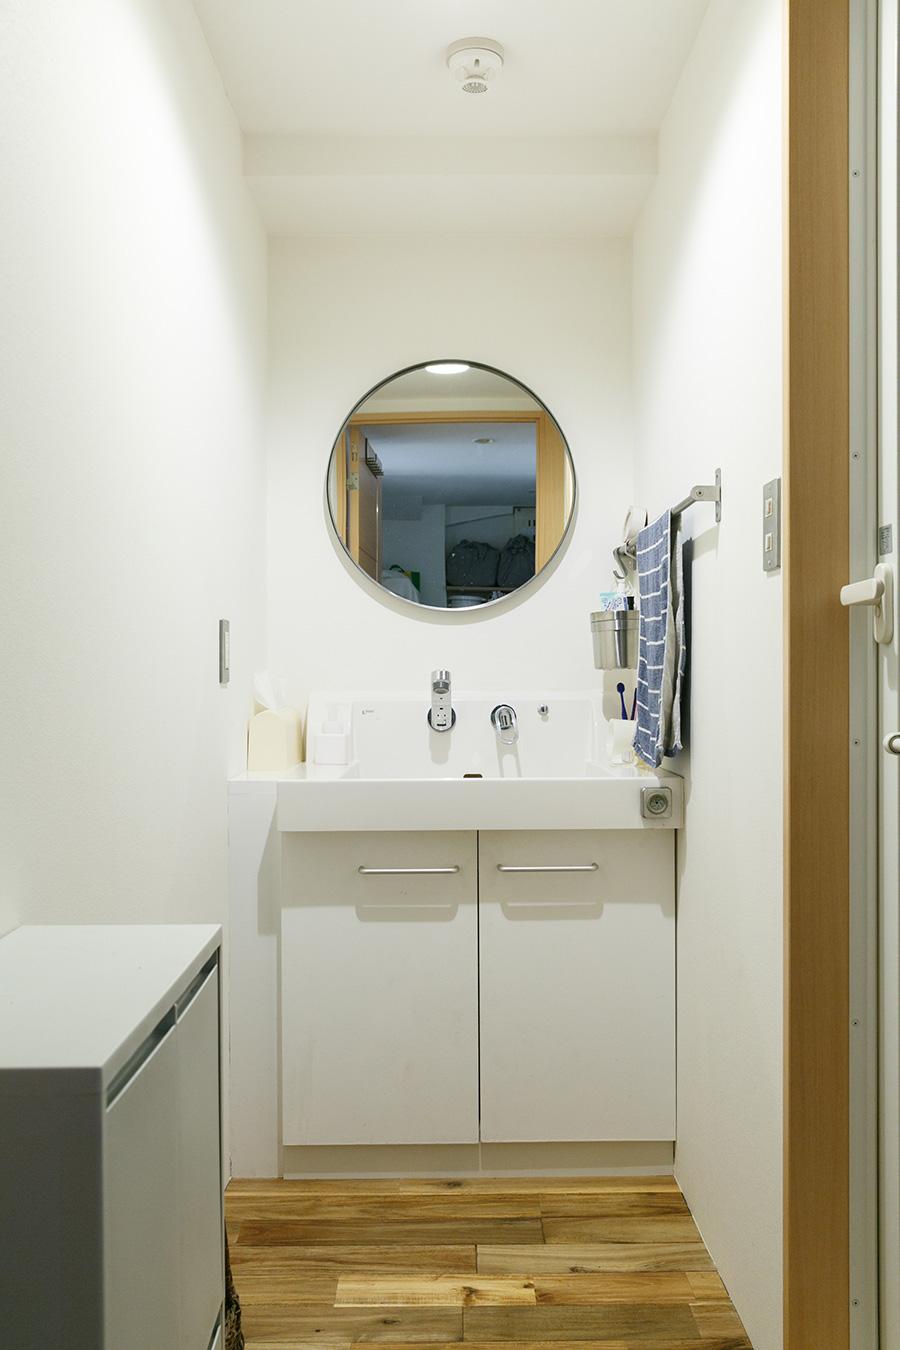 リノベーションでミラーだけ付けかえたという洗面所。洗面台は既存のものを使うことでコストダウンをはかった。